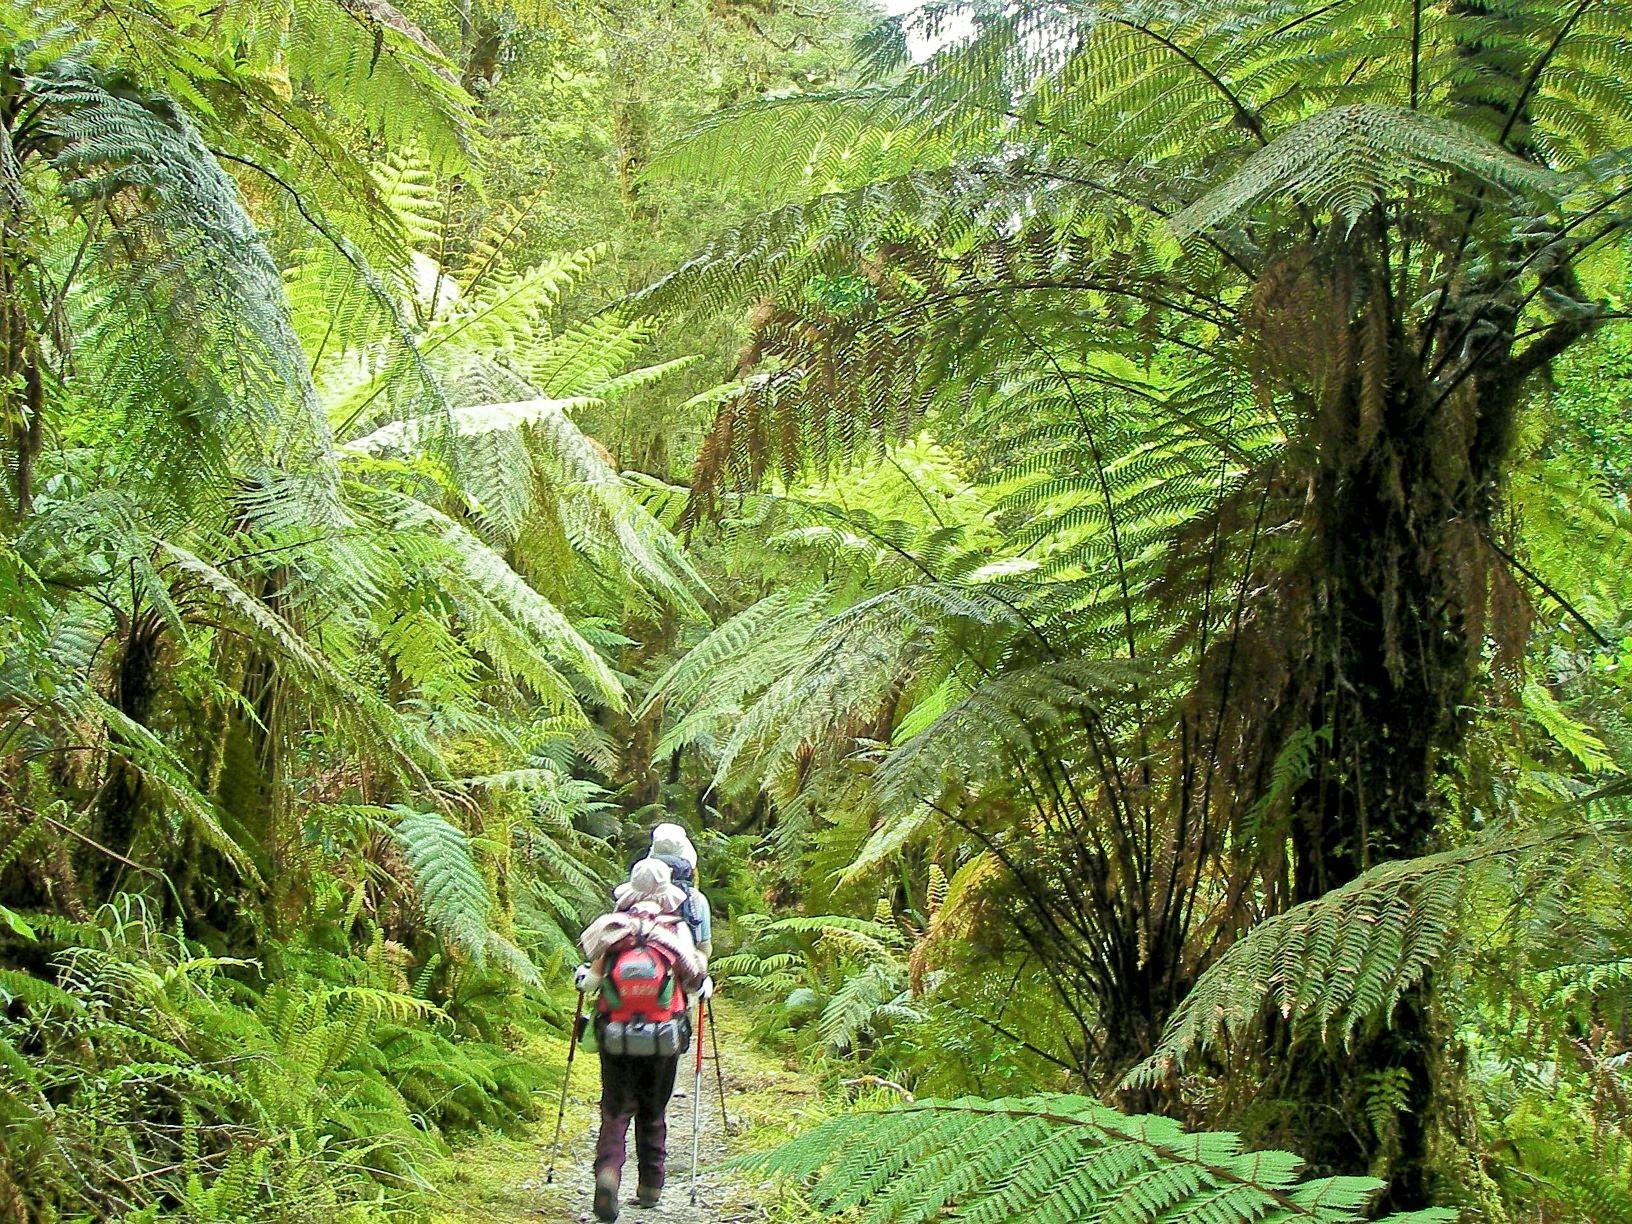 シダやコケが生い茂る緑豊かな森を歩く